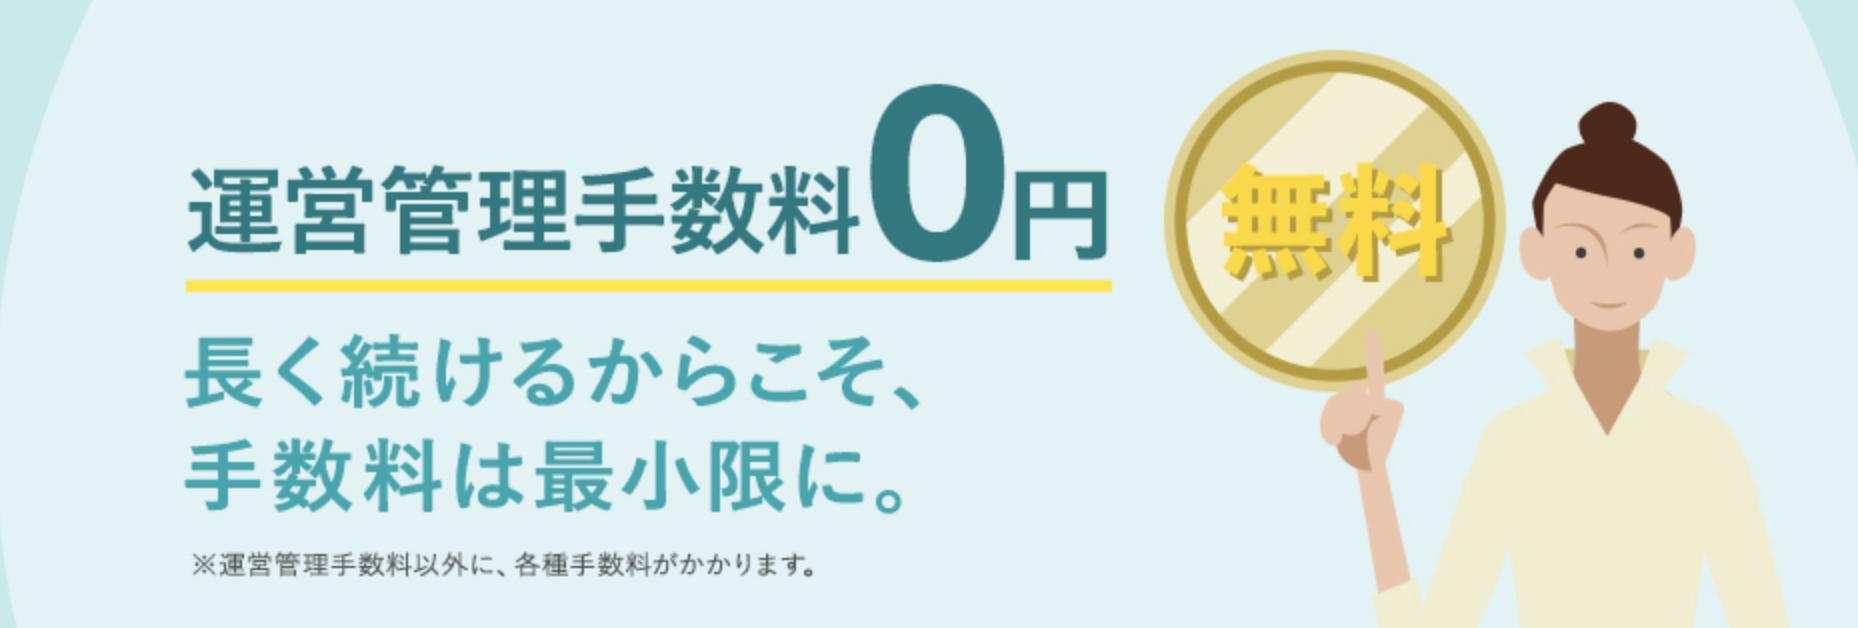 松井証券の個人型確定拠出年金の詳細